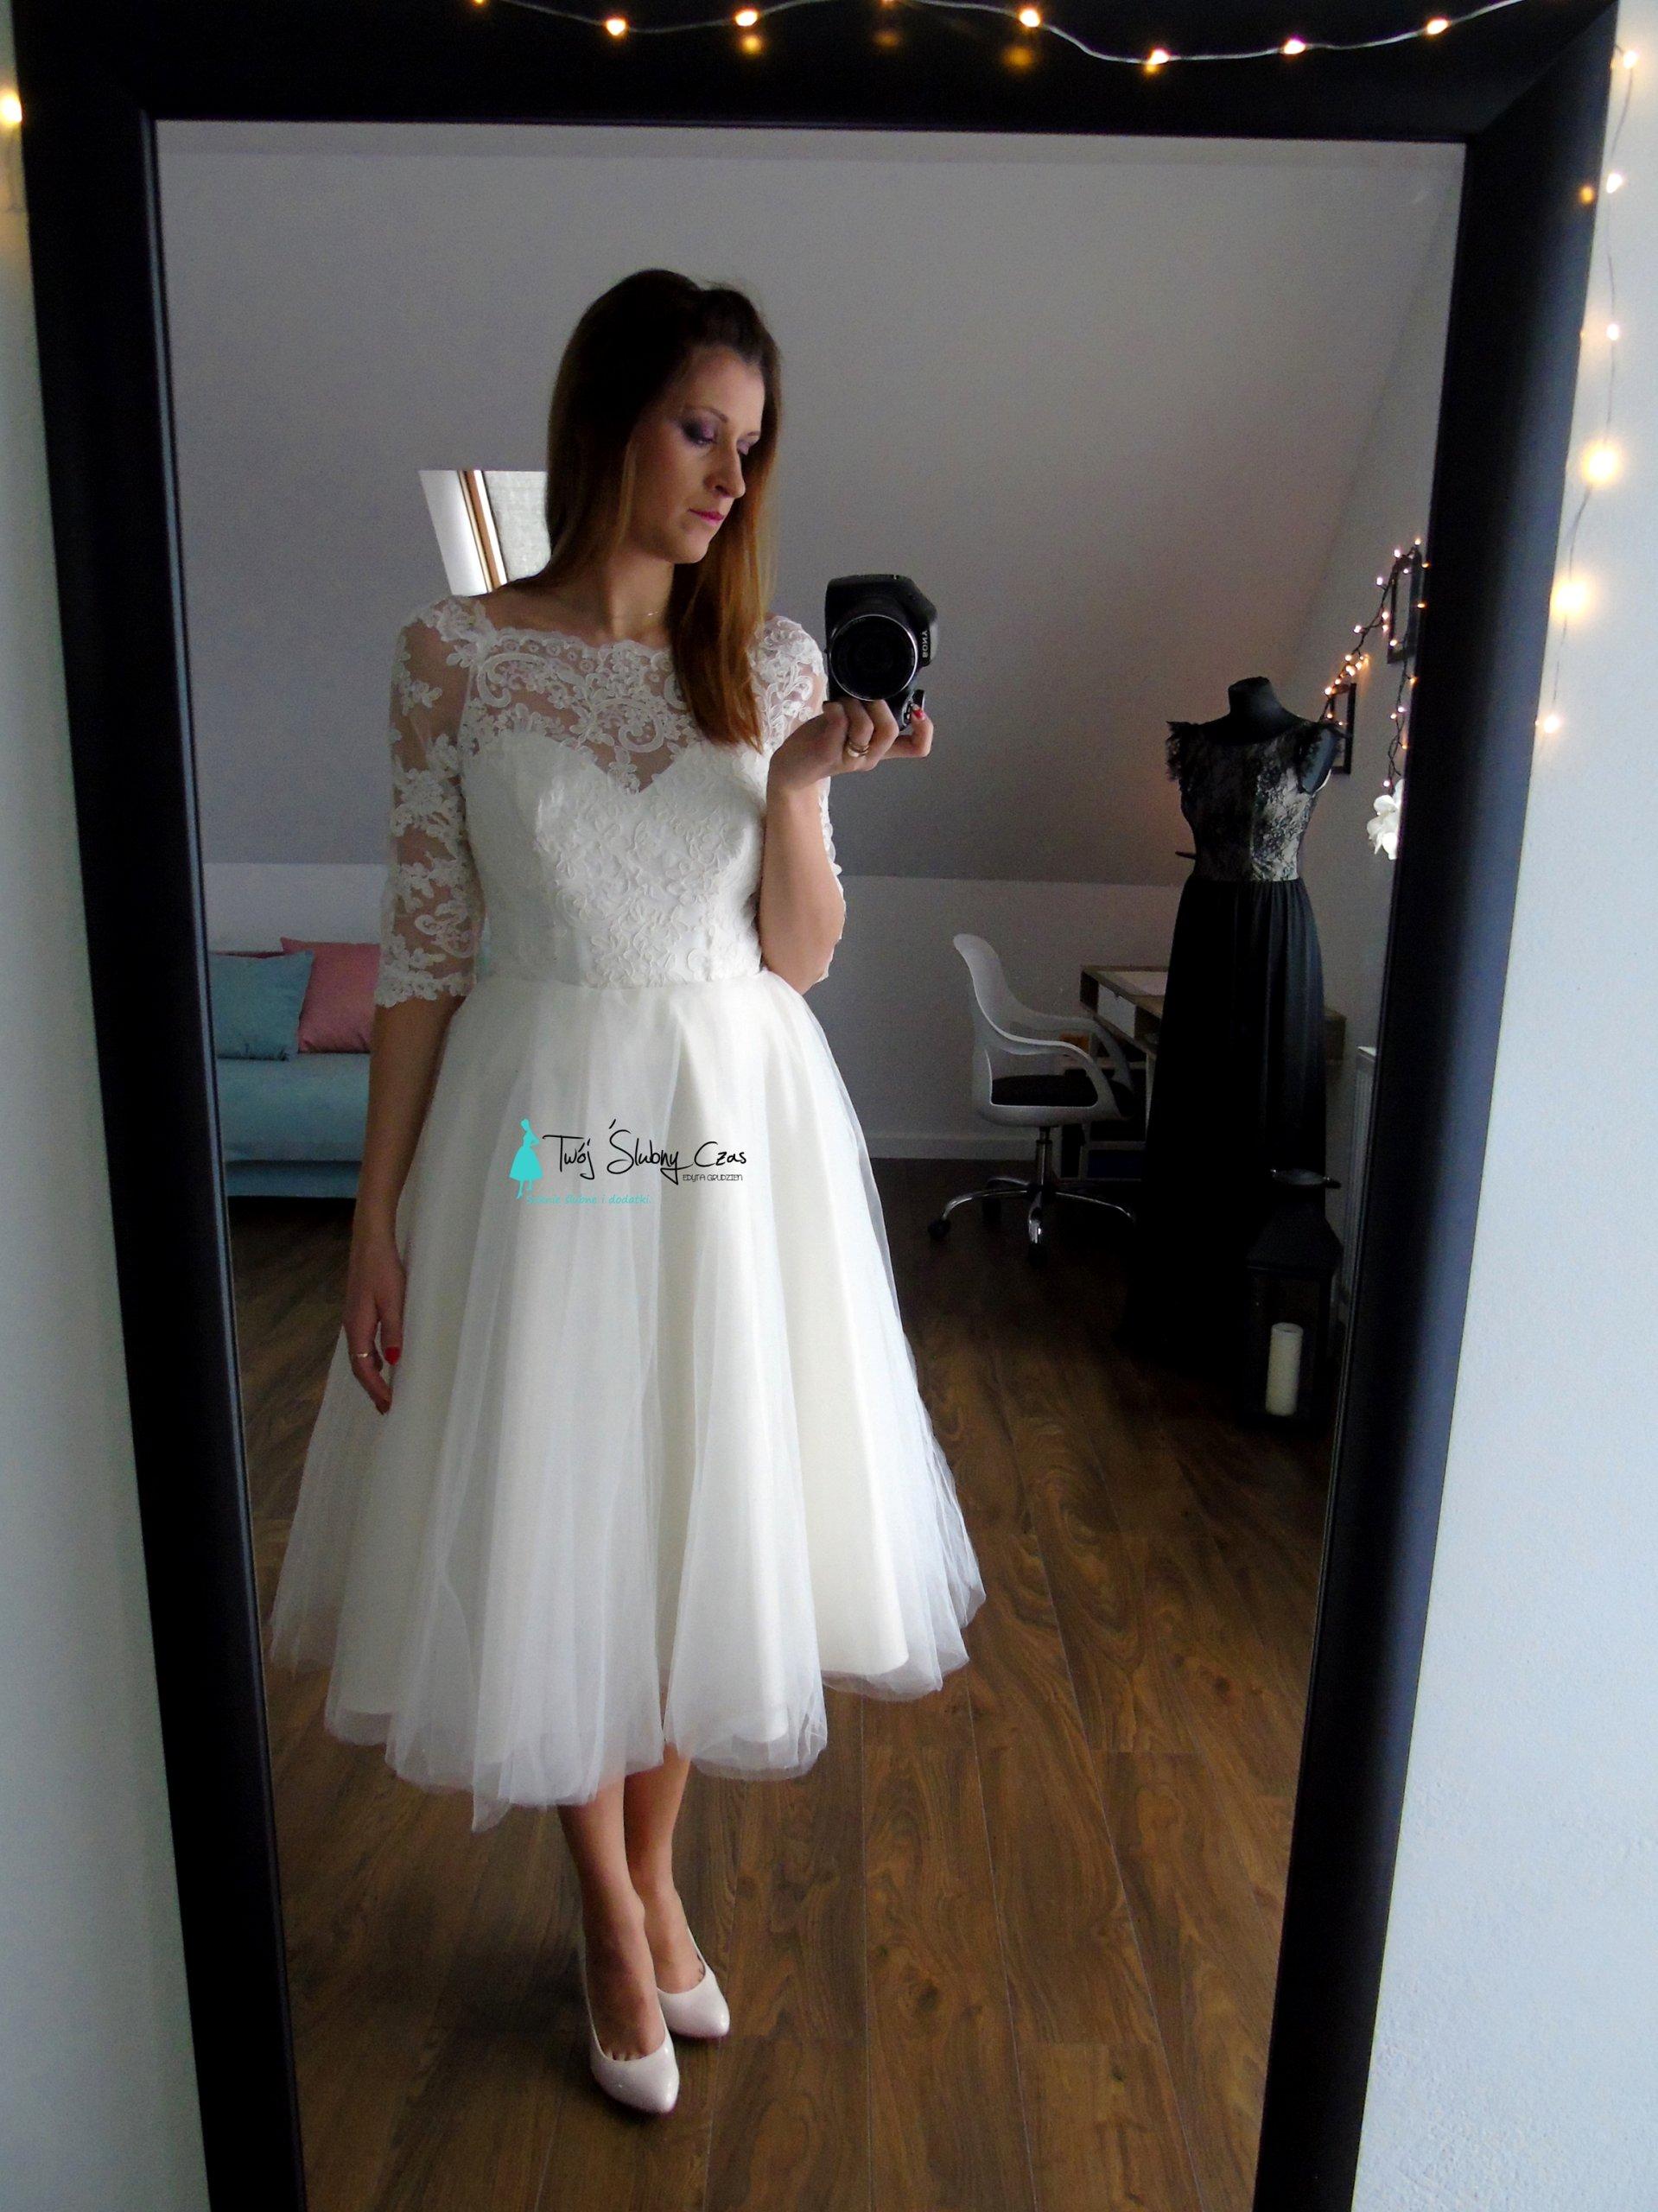 Krótka Suknia ślubna Nowy W Oficjalnym Archiwum Allegro Archiwum Ofert